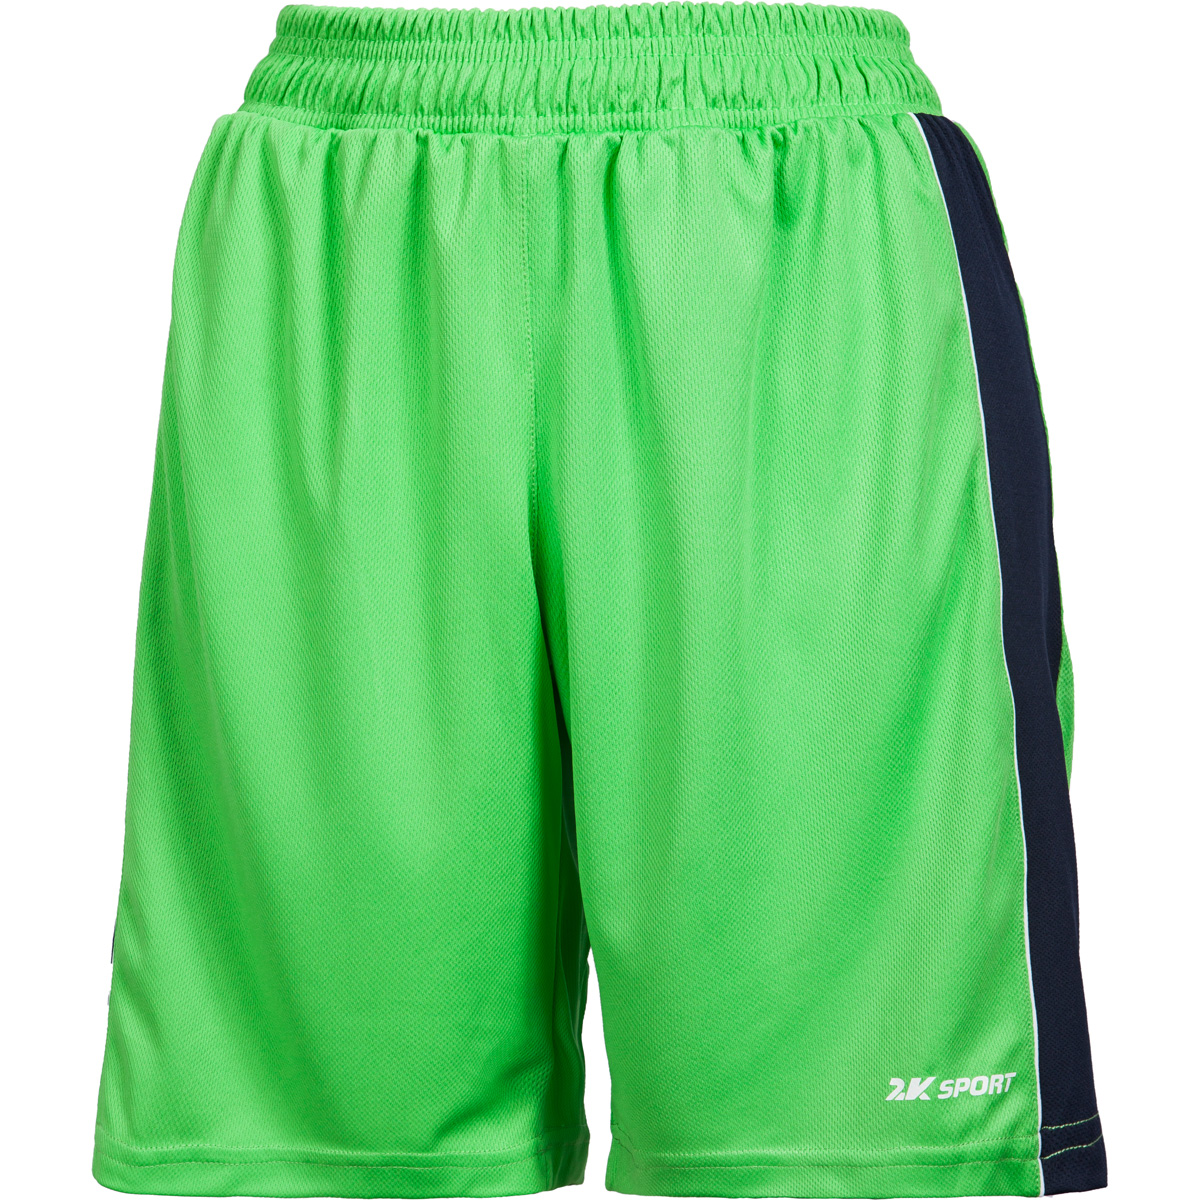 Шорты баскетбольные женские 2K Sport Advance, цвет: светло-зеленый, темно-синий, белый. 130033. Размер XL (48/50) - Баскетбол